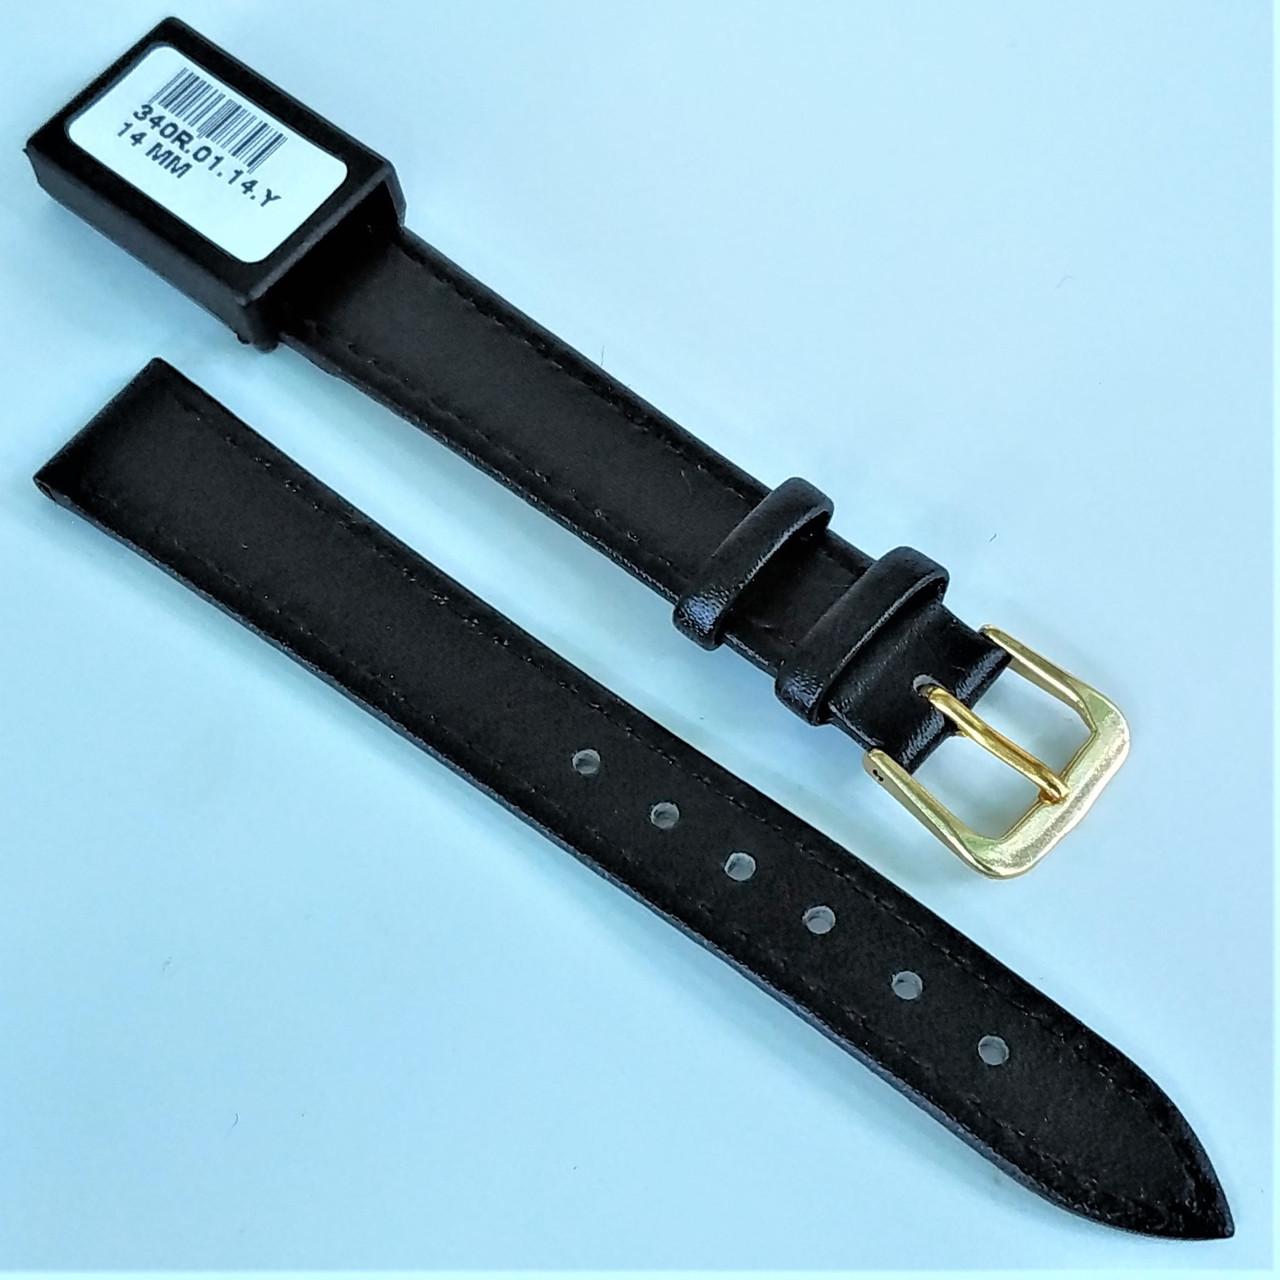 14 мм Кожаный Ремешок для часов CONDOR 340.14.01 Черный Ремешок на часы из Натуральной кожи